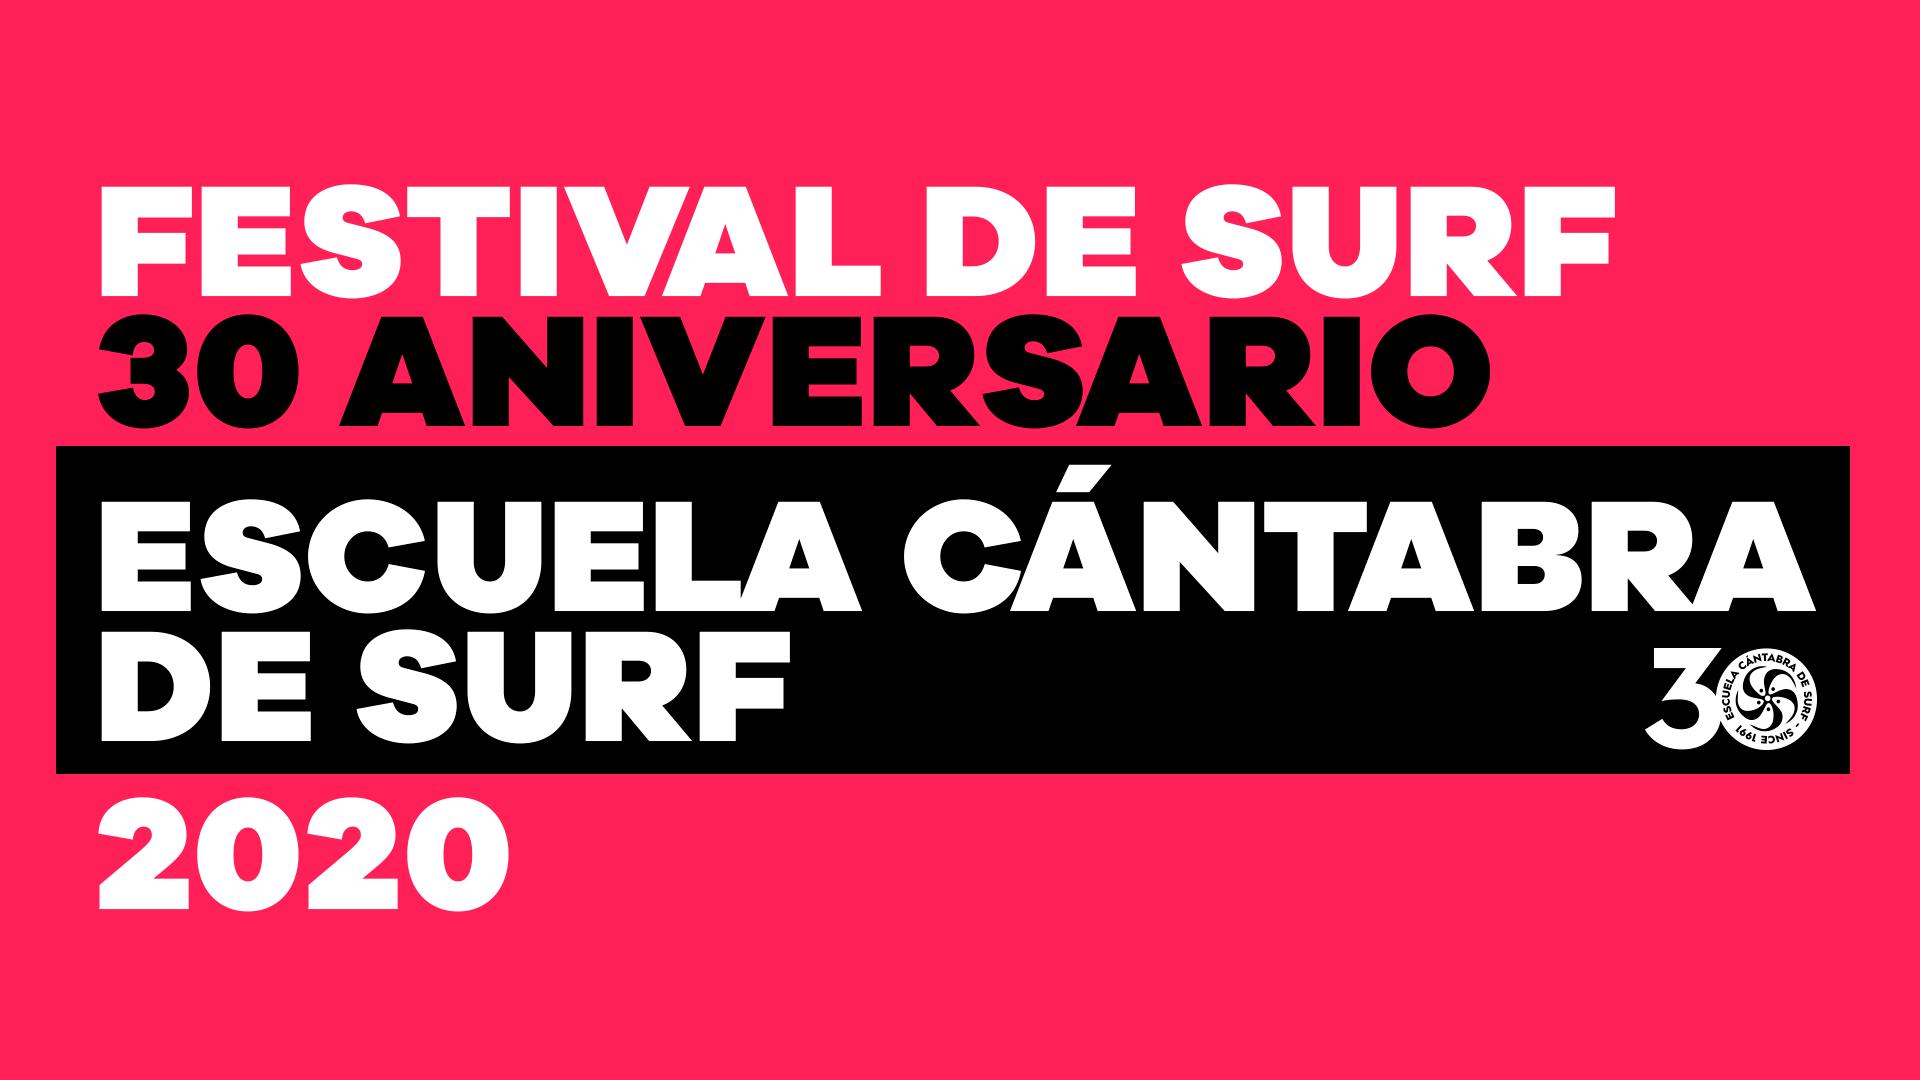 FESTIVAL 30 ANIVERSARIO ESCUELA CÁNTABRA DE SURF